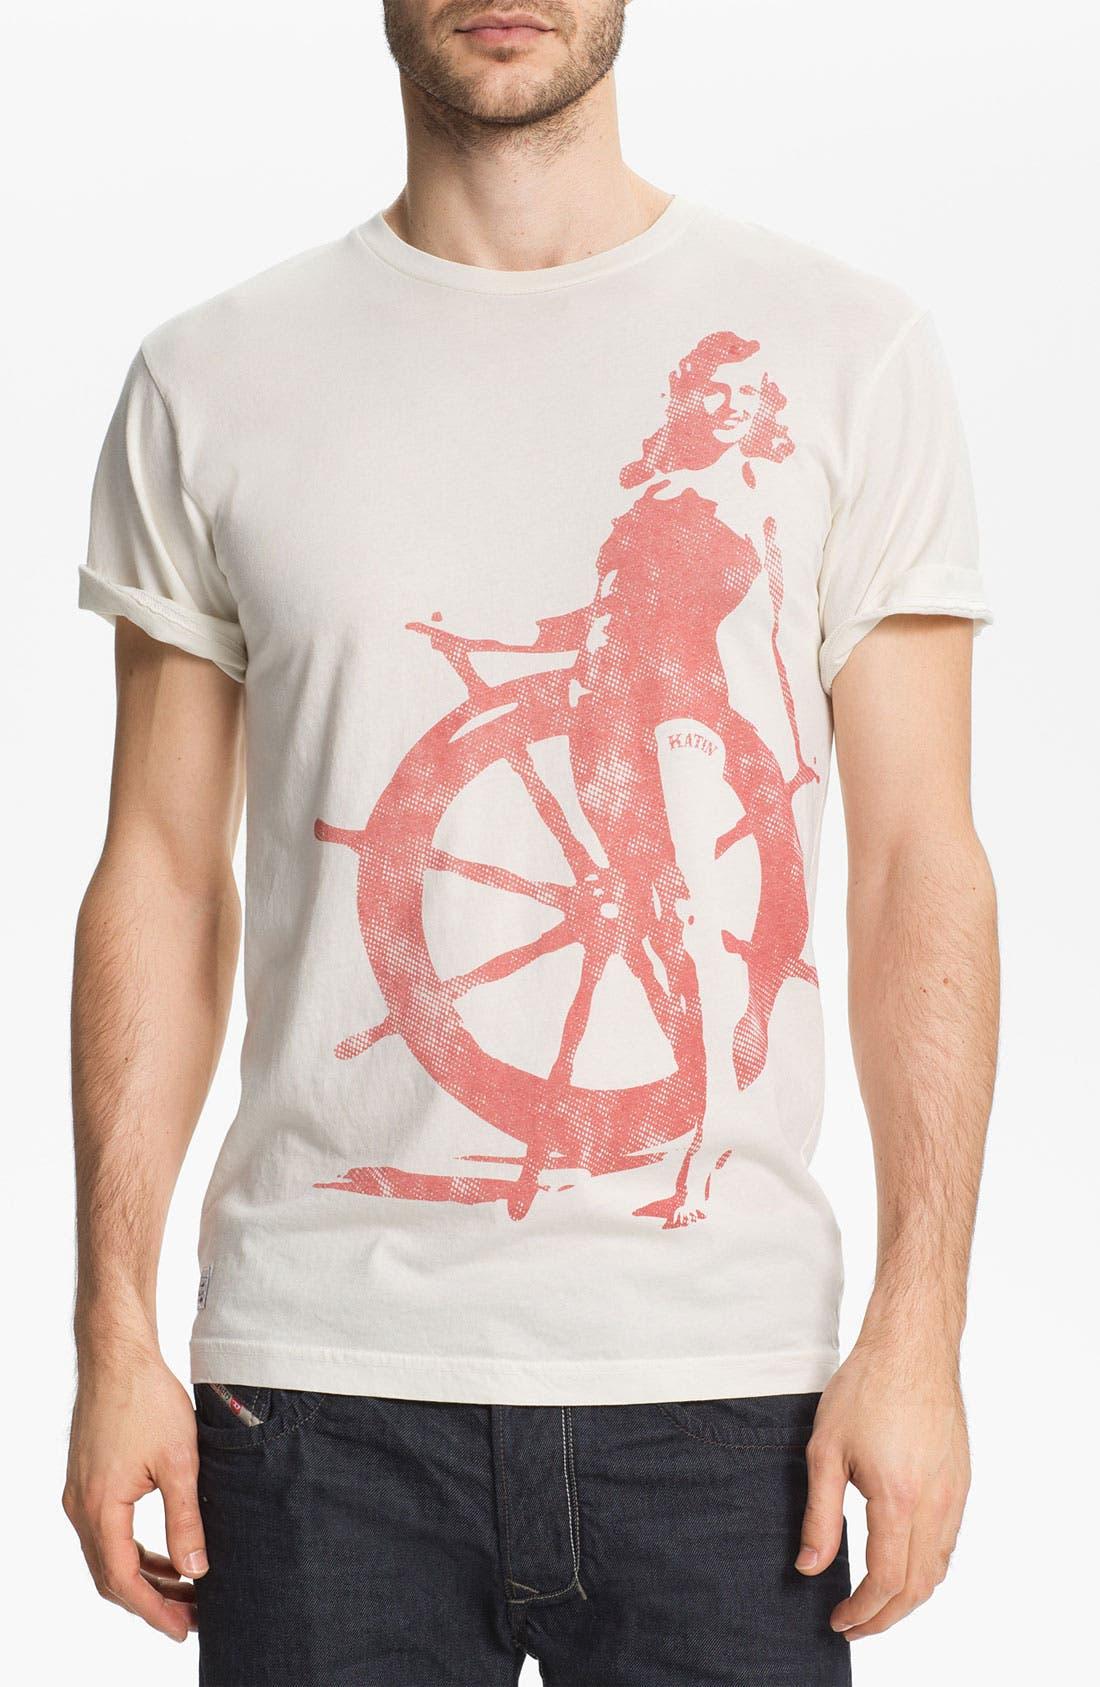 Main Image - Katin 'Wench' Graphic T-Shirt